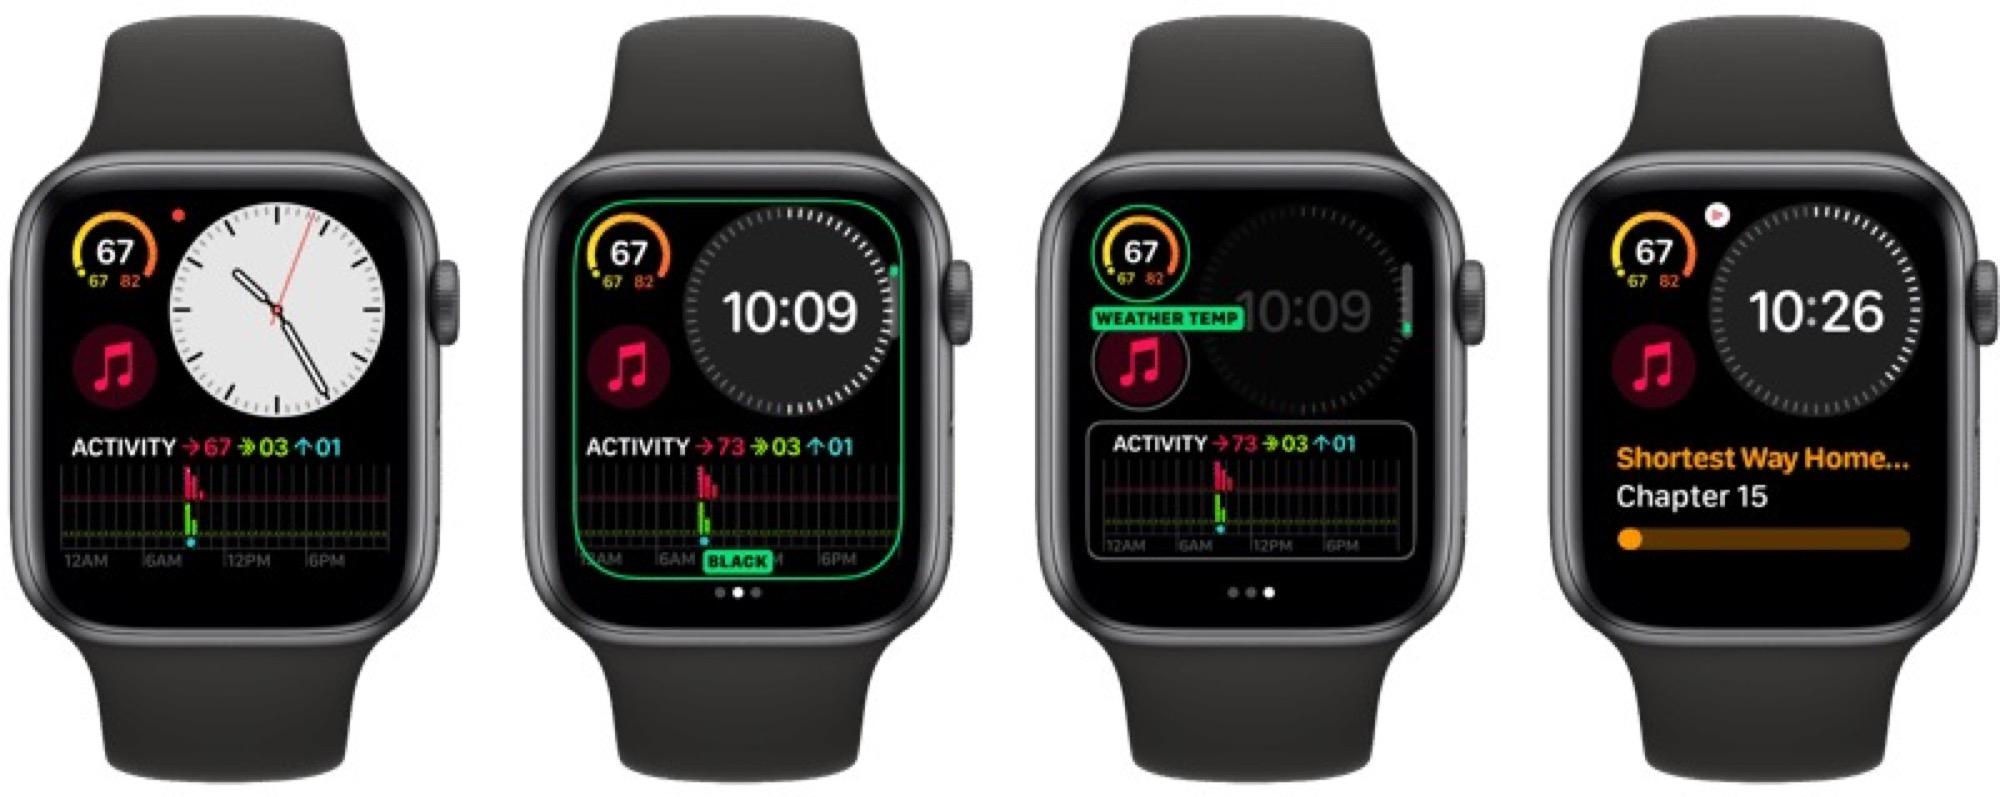 Des cadrans exclusifs aux Apple Watch récentes dans watchOS 6 7